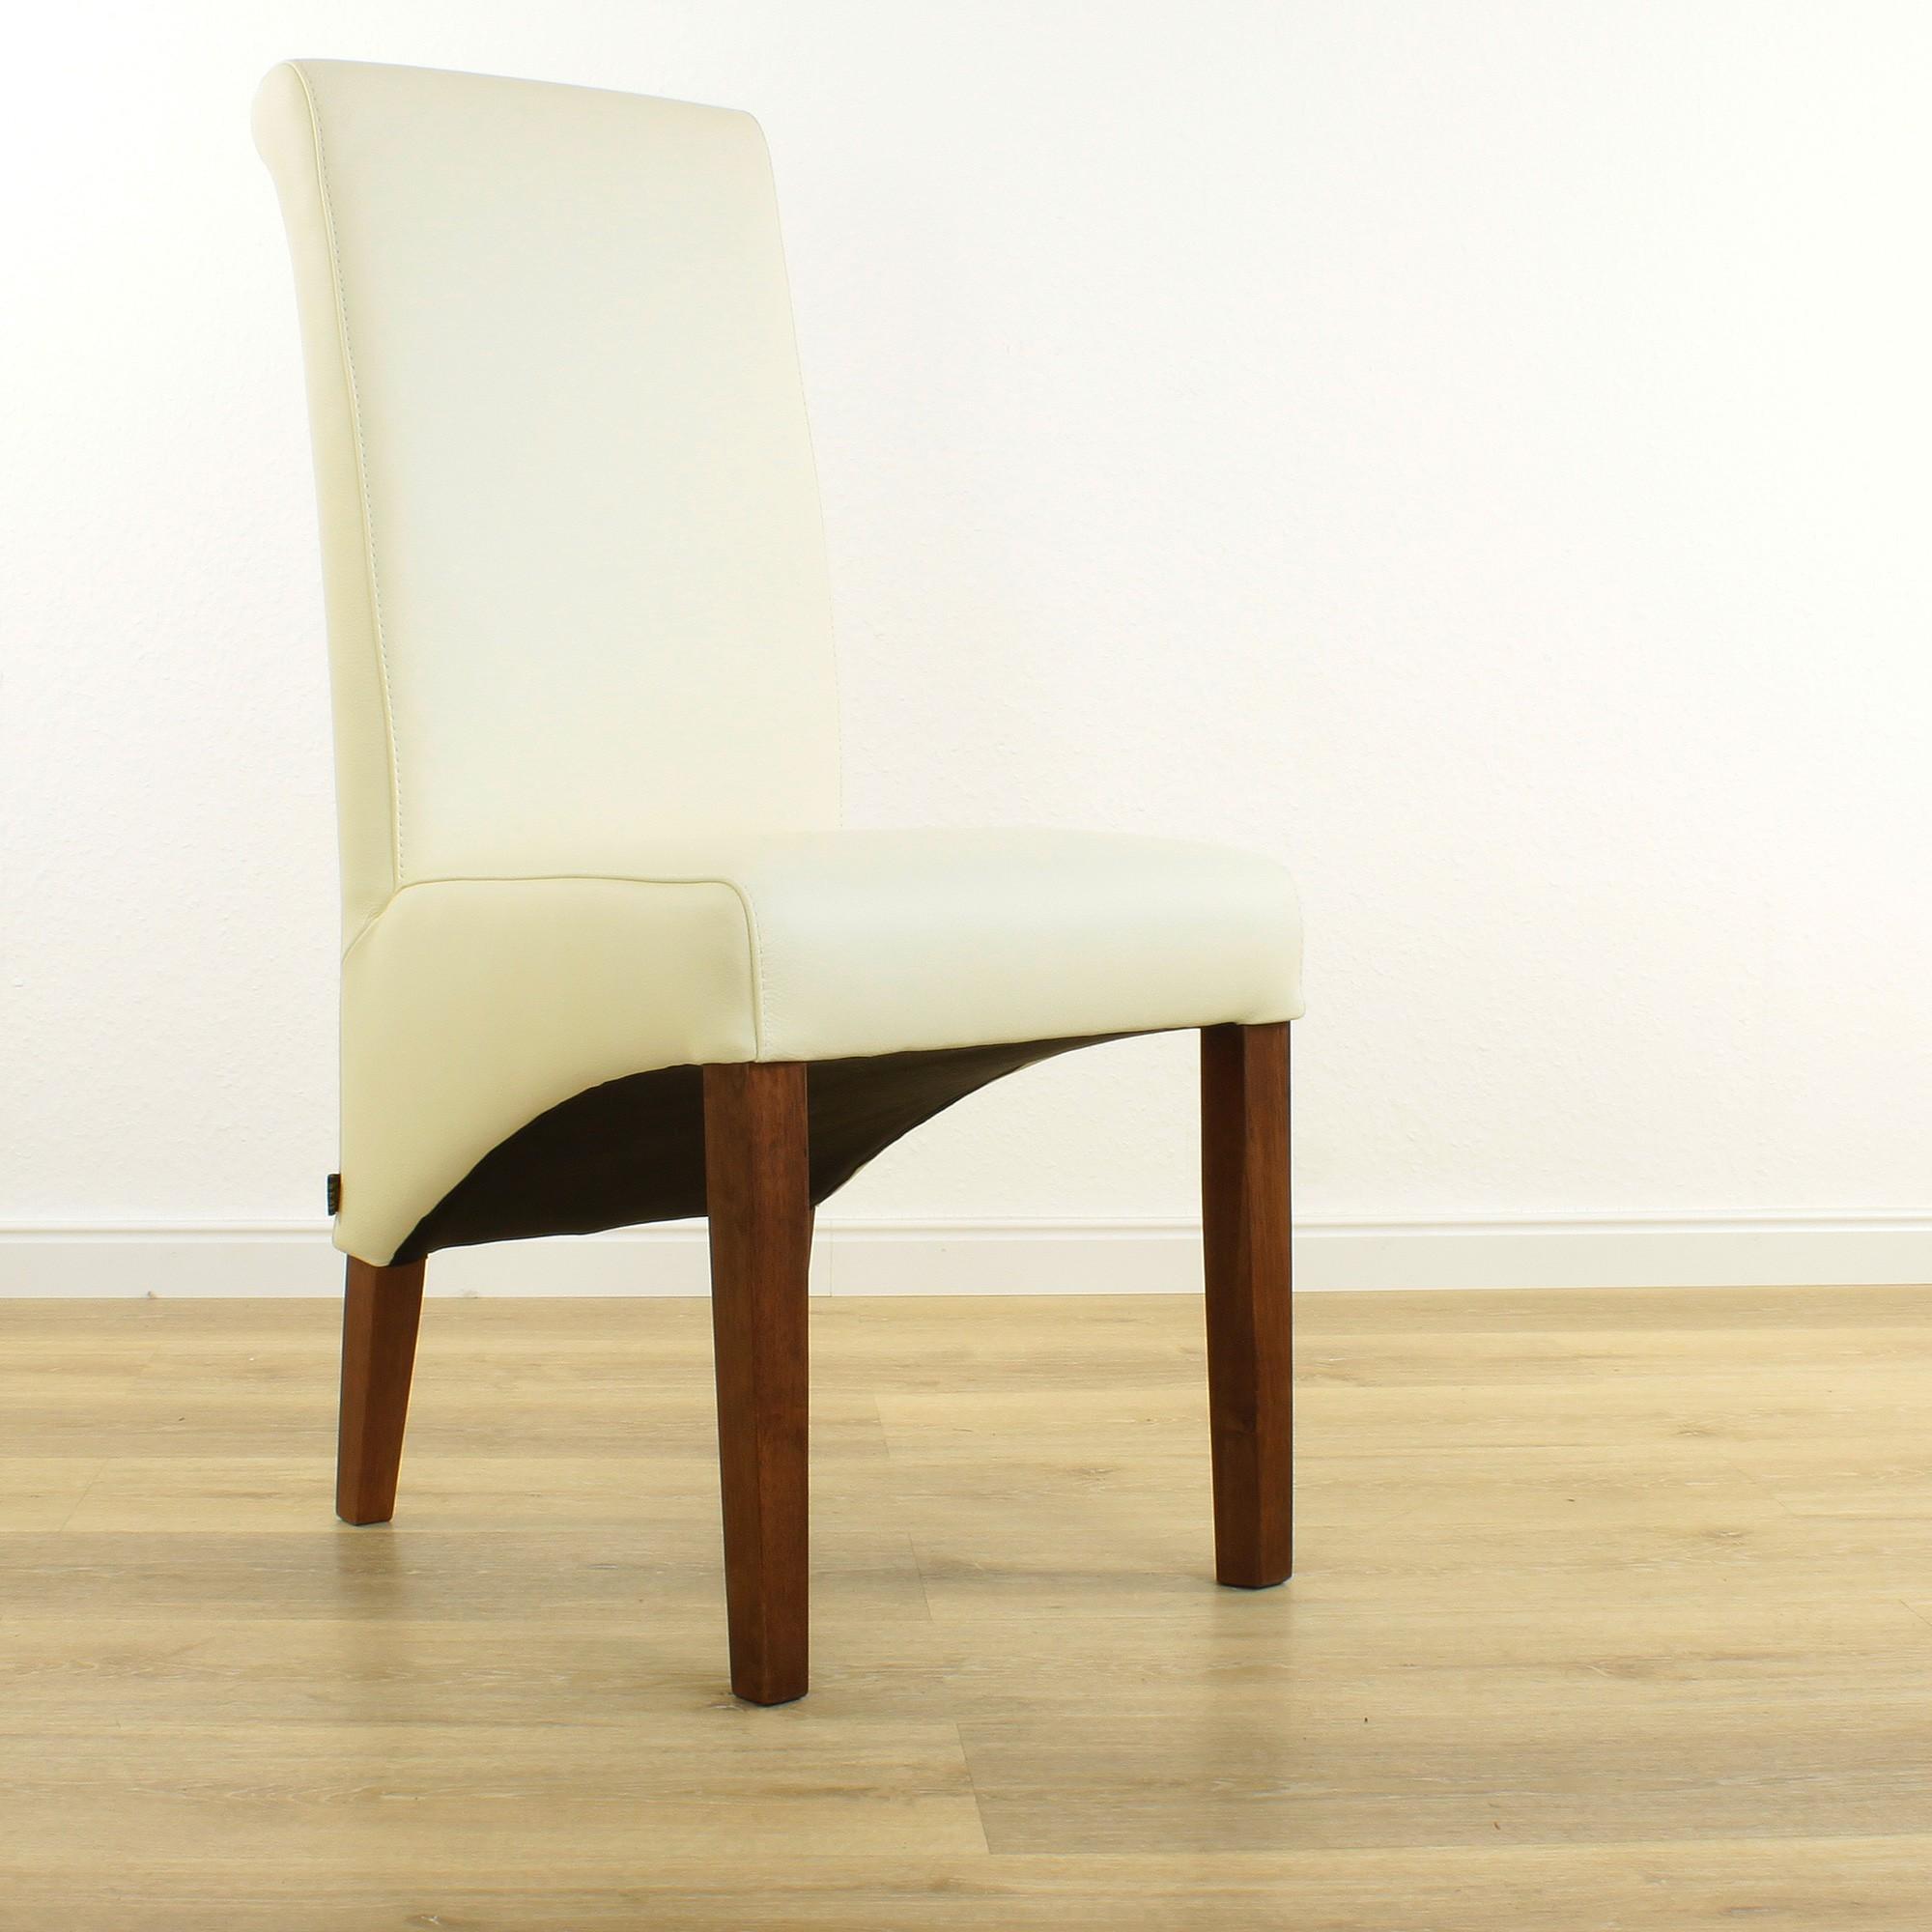 NussbaumLederstühle Six® Weiß Markenmöbel Creme Kaufen Esszimmer Stühle Bei Felice Lederstuhl BWroeEdxQC